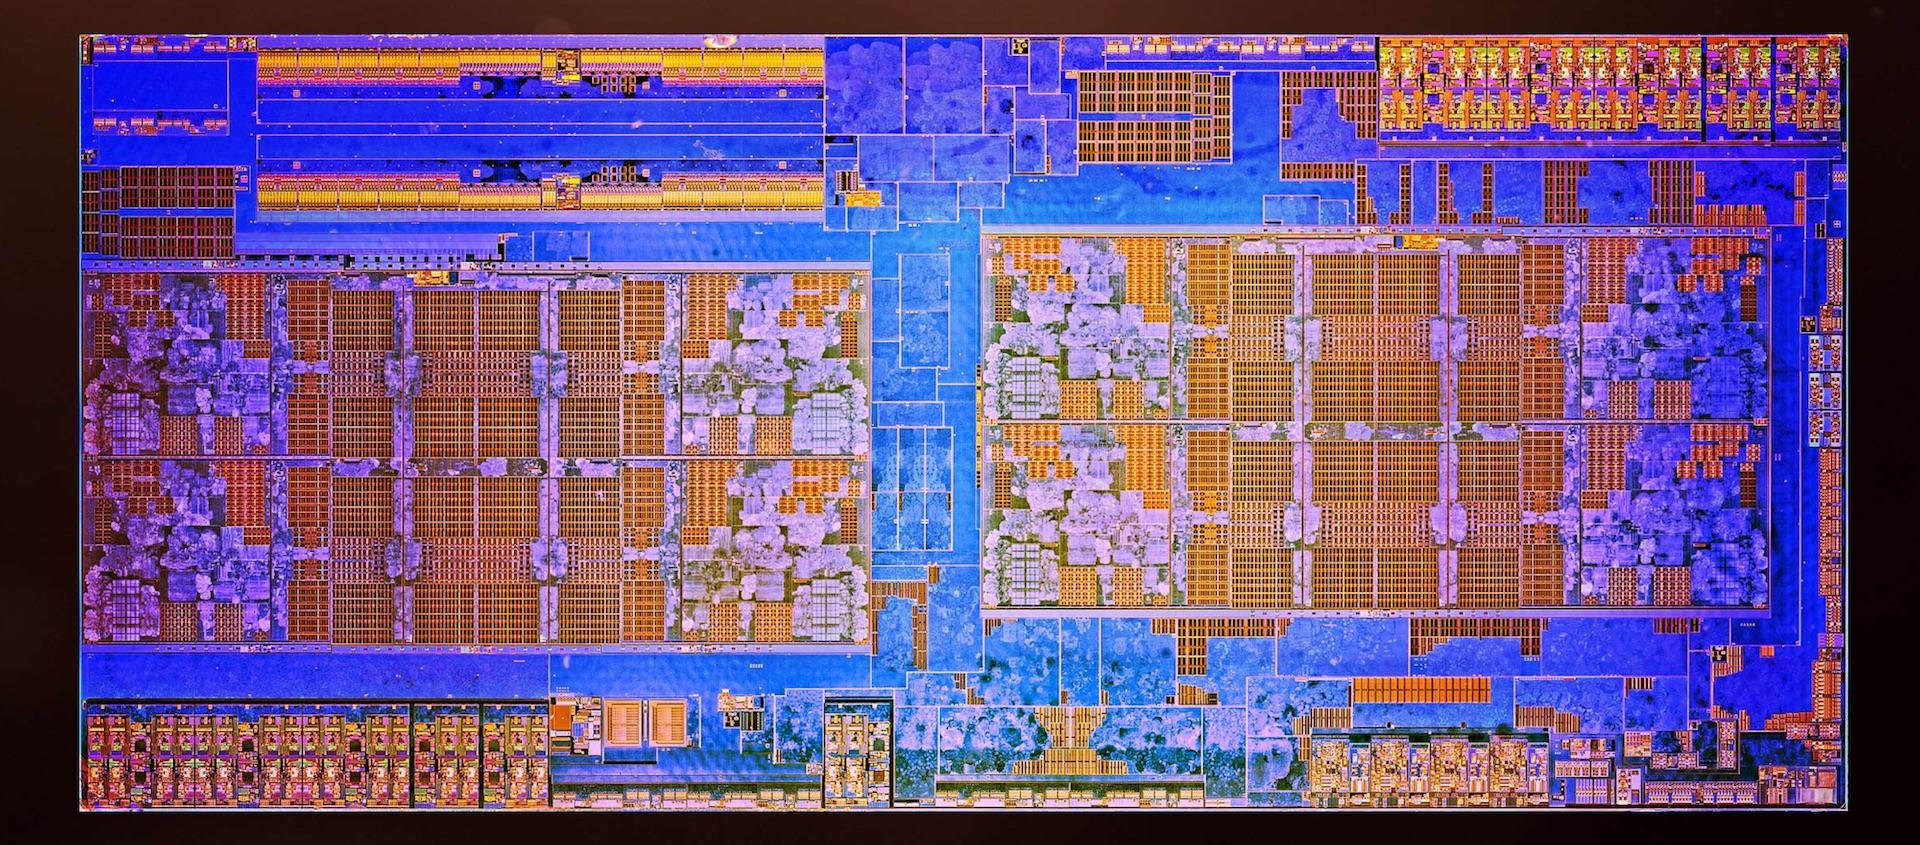 AMD объявила спецификации и стоимость процессоров Ryzen Threadripper 1920X и 1950X